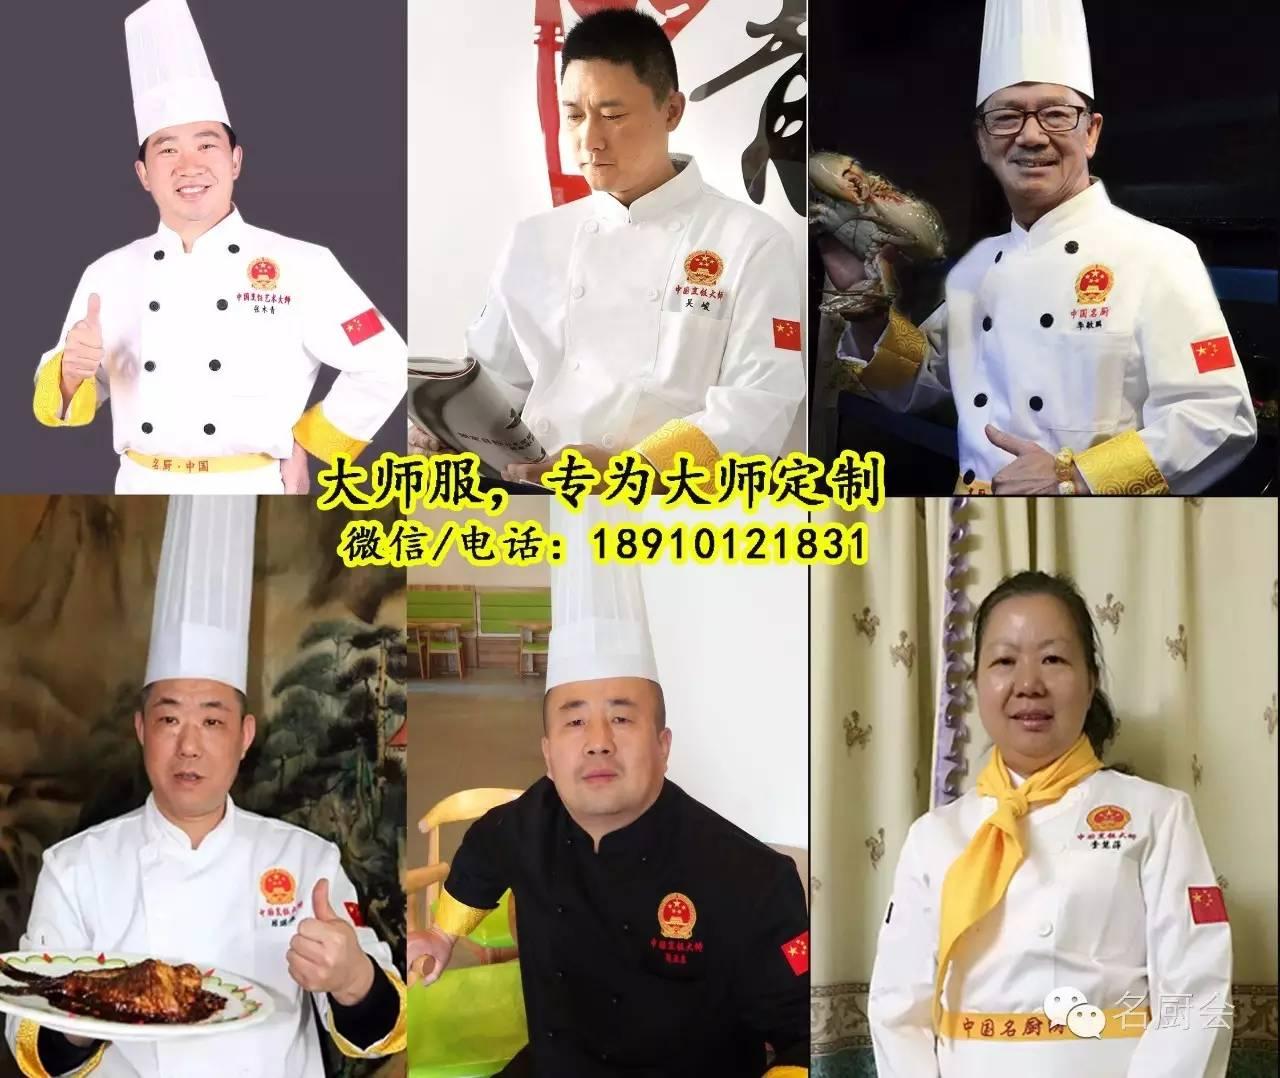 赵志文注册中国烹调巨匠国家一级评委